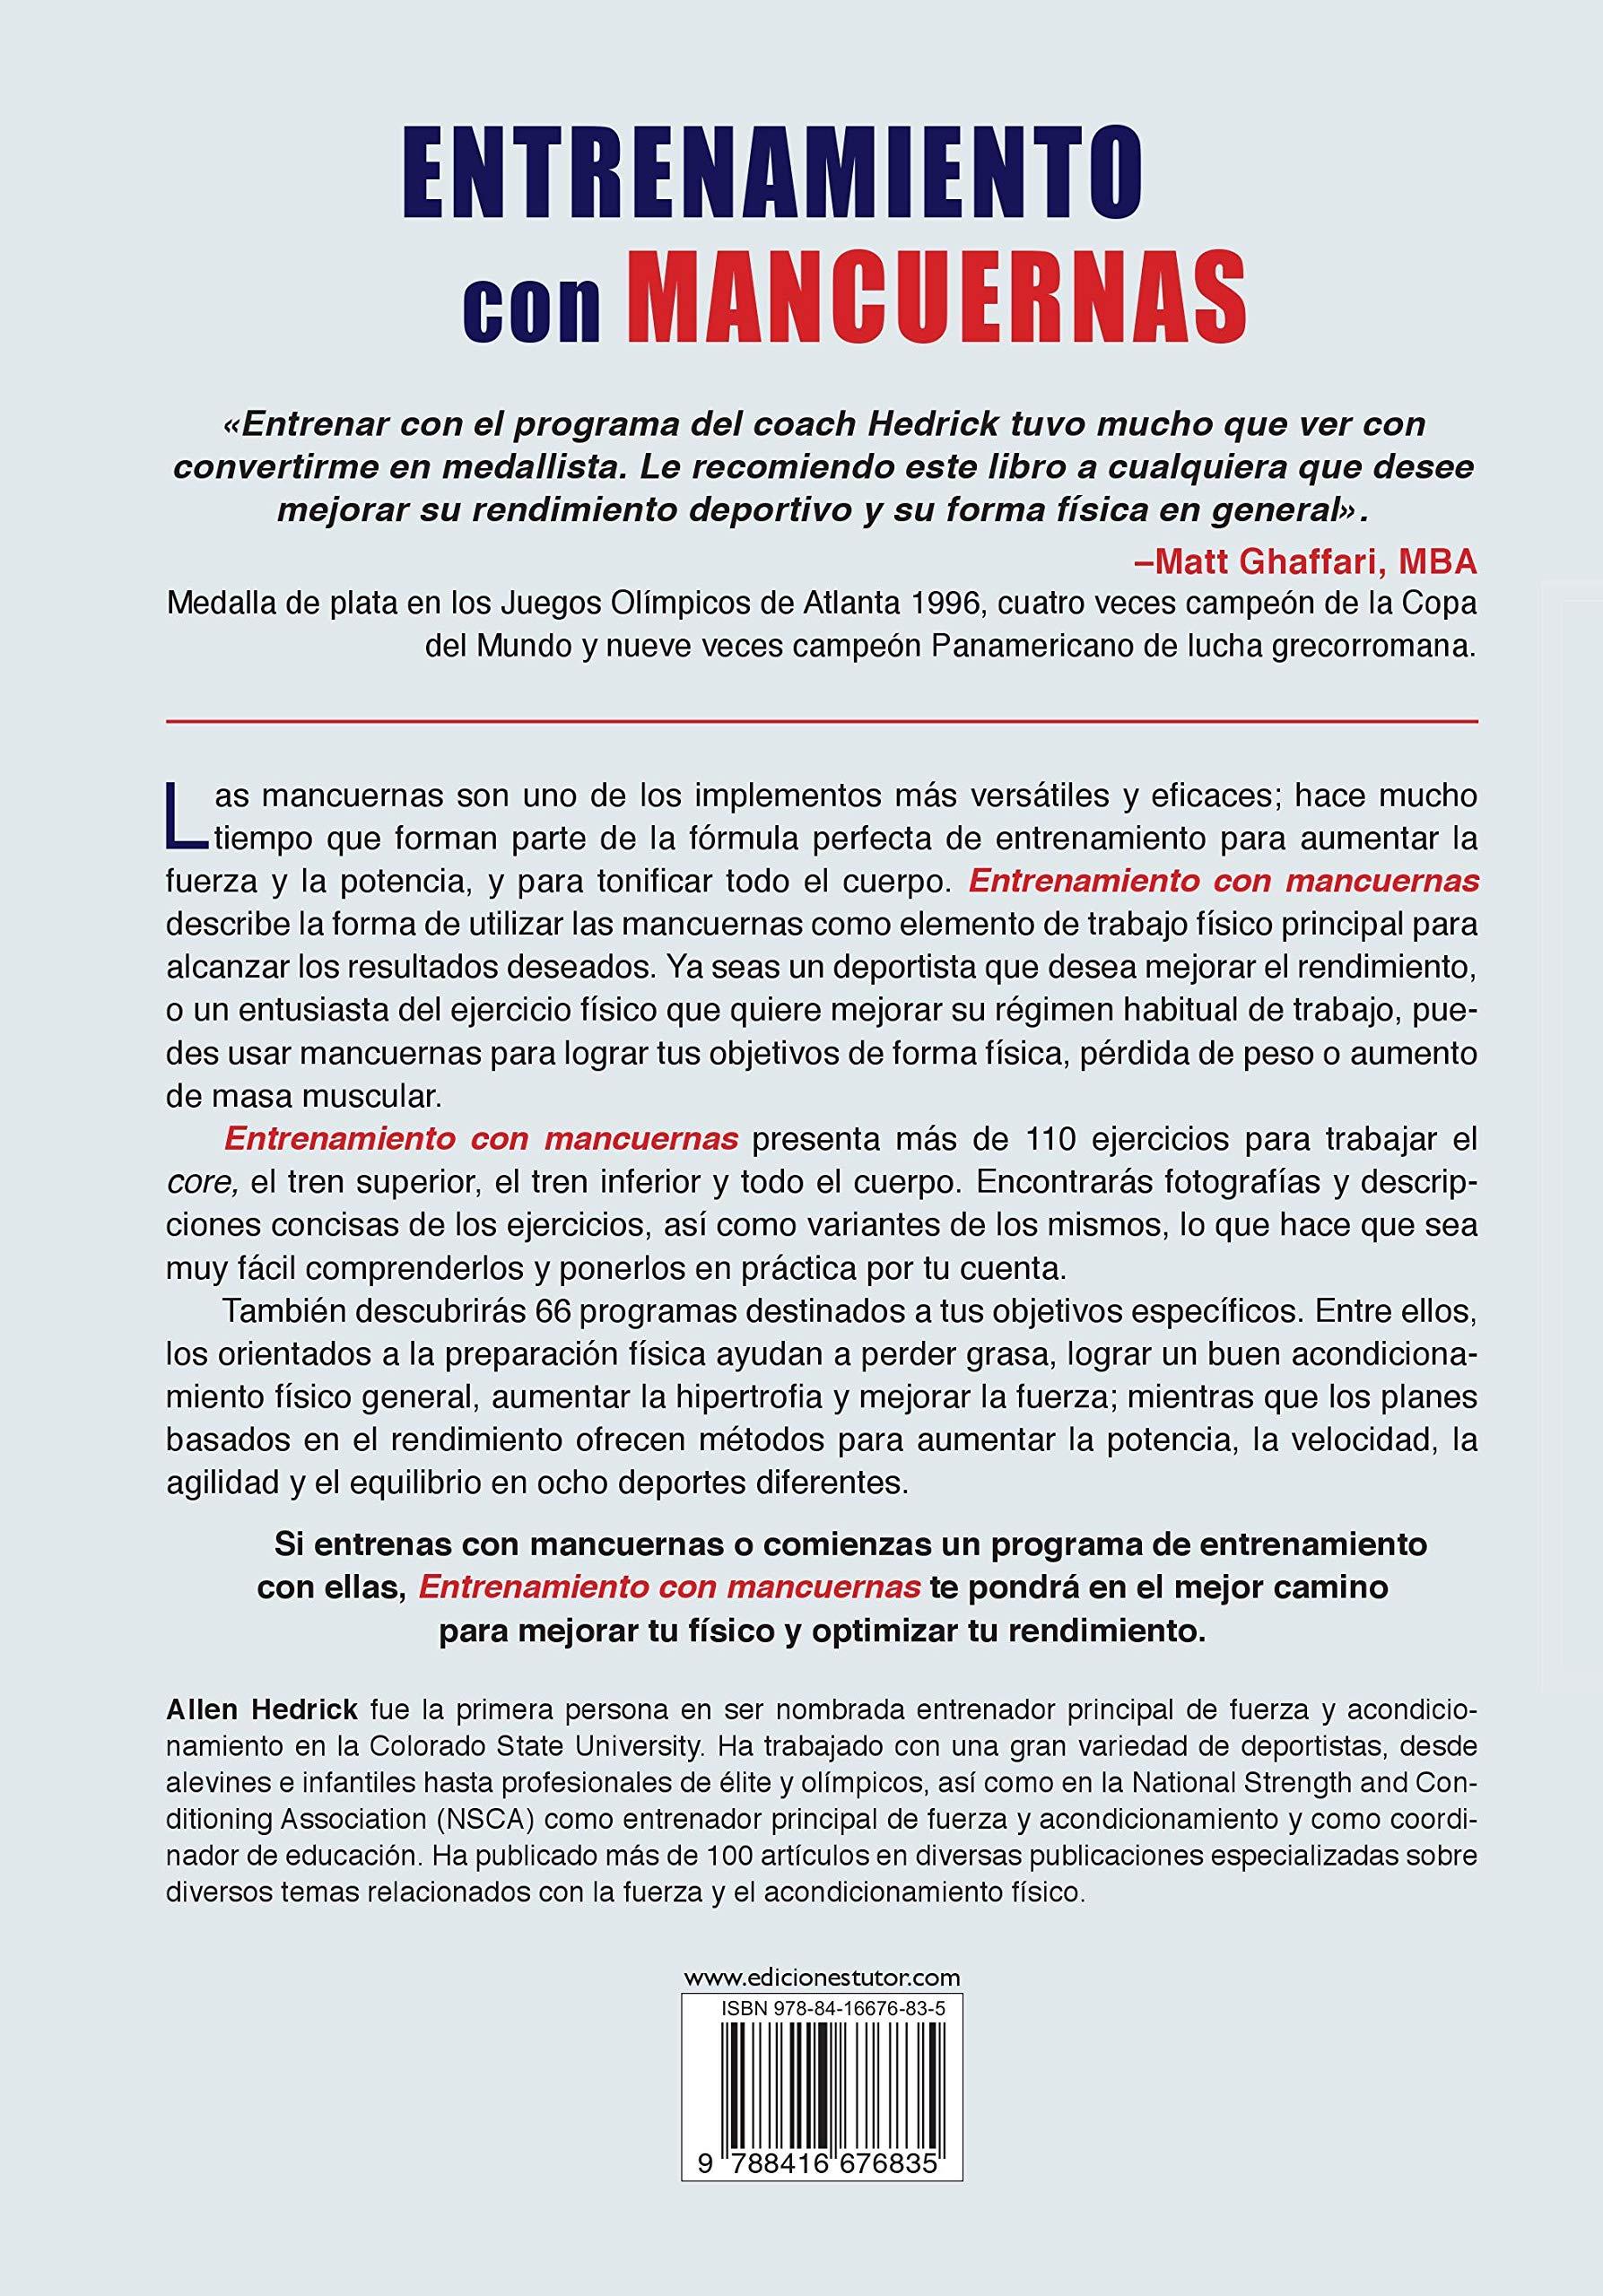 Entrenamiento Con Mancuernas: Amazon.es: Hedrick, Allen ...